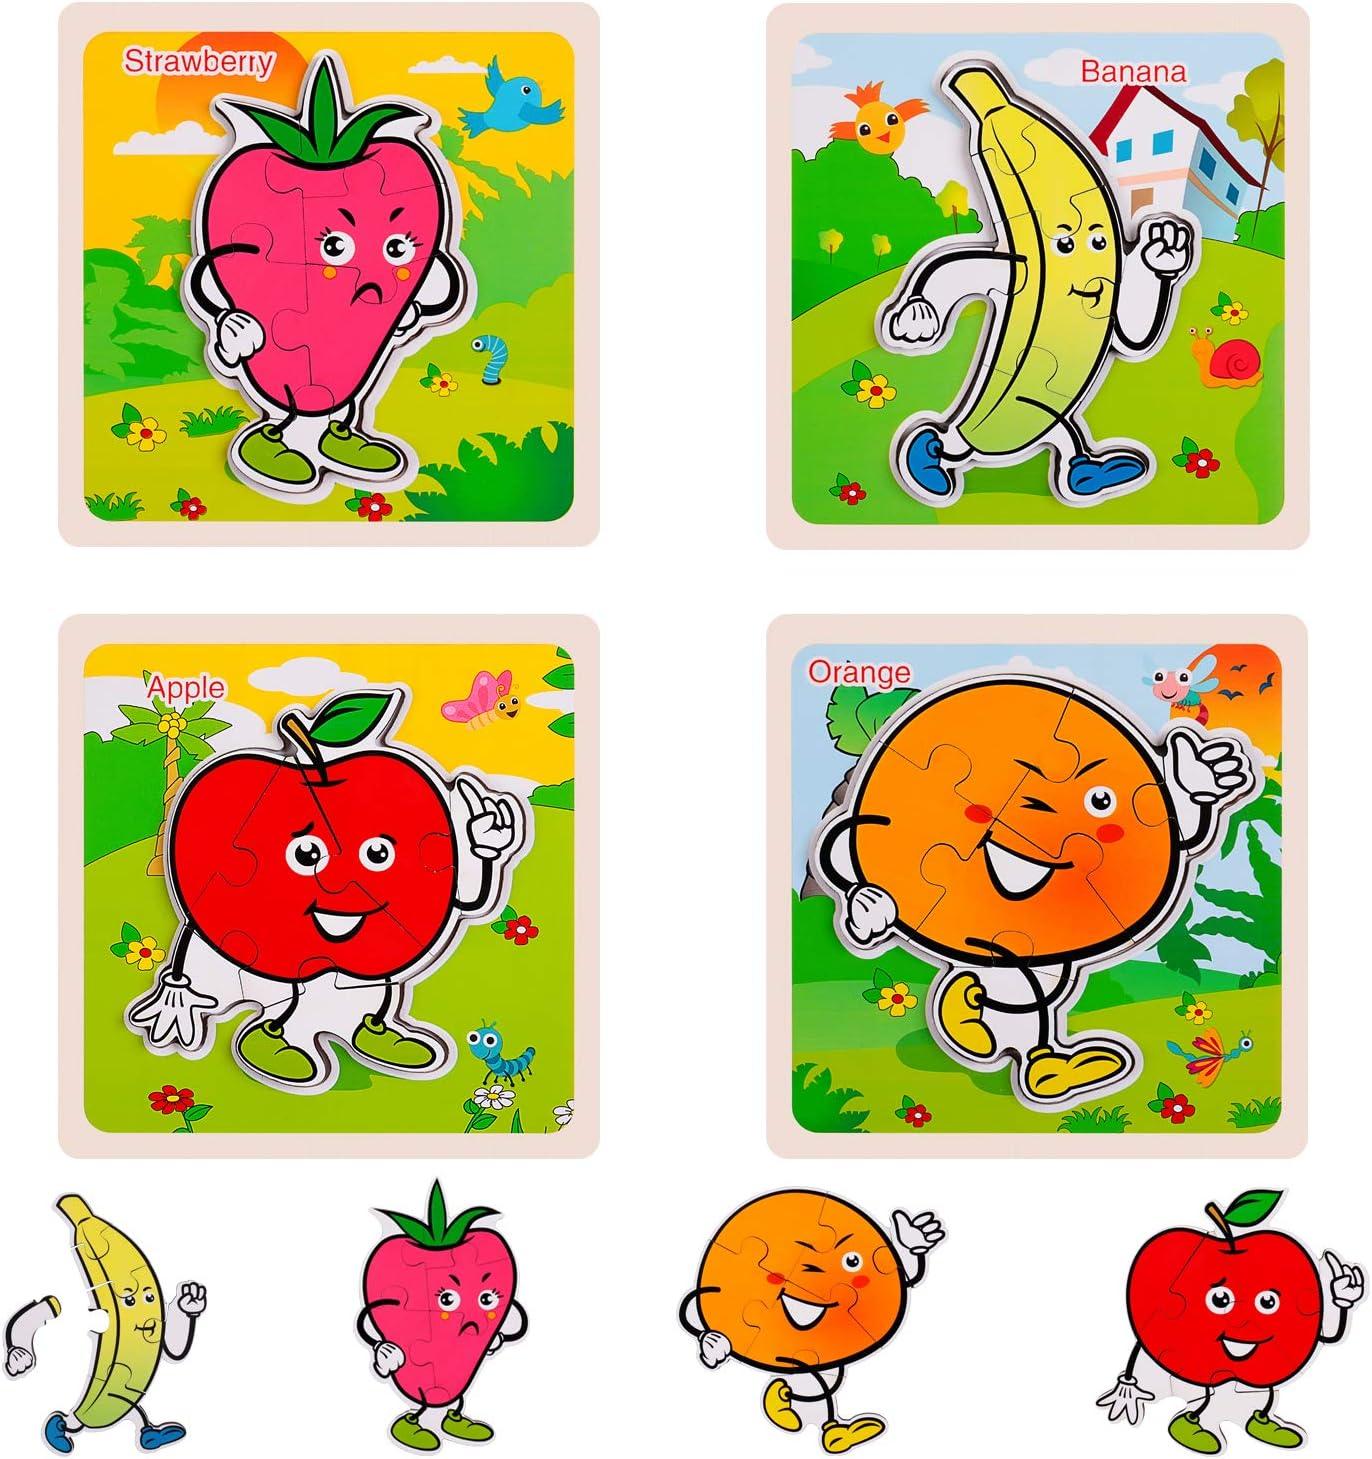 Prairie Rolimate 4 in 1 Puzzles f/ür Kinder 56-teilige Puzzles 3 4 5 Jahre Alten Jungen und M/ädchen-L/öwe Hirsch Elefant Leopard Preschool Puzzles f/ür Kleinkinder mit Metall-Puzzle-Box